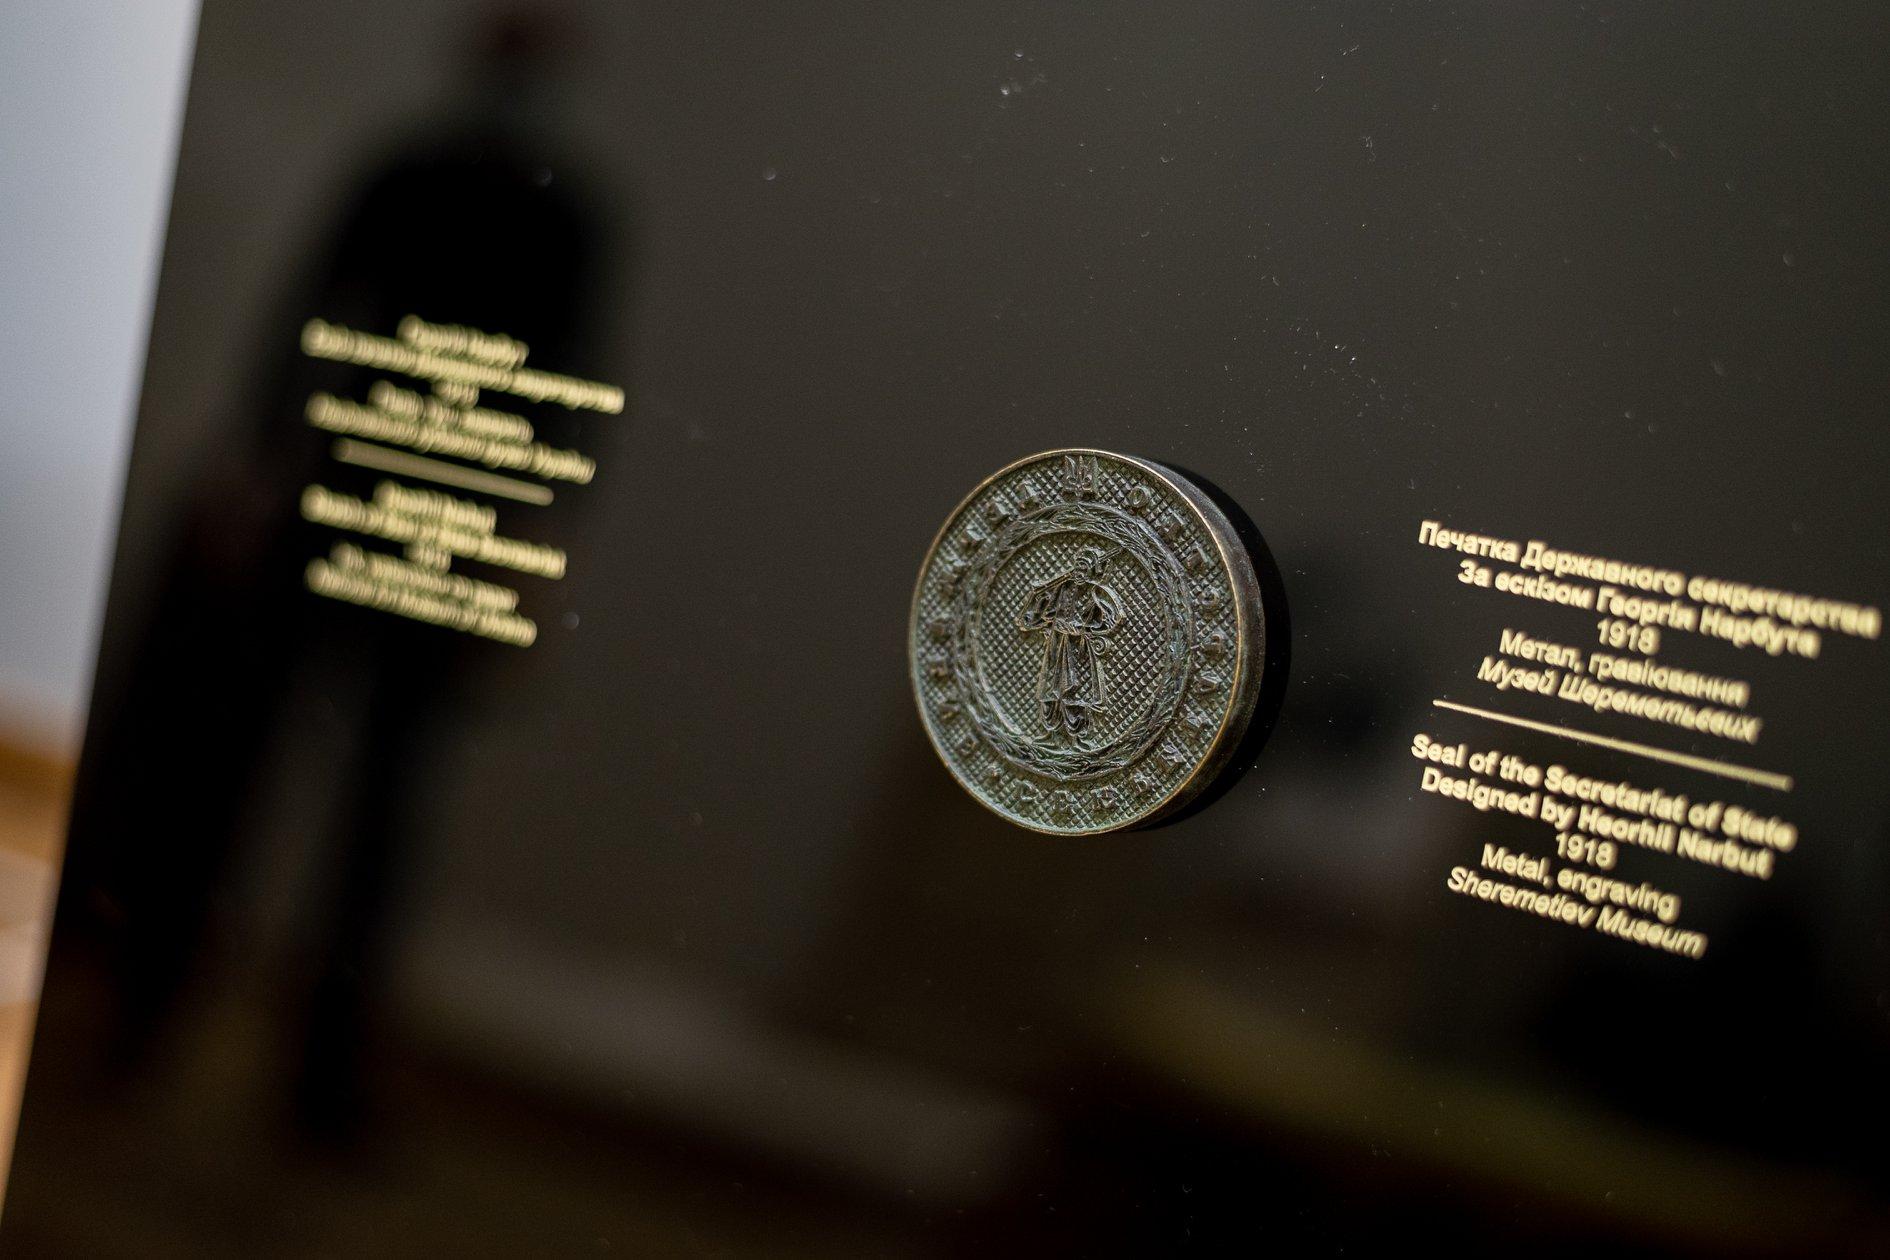 Столичний музей запрошує на виставку, присвячену українській геральдиці - музей, експозиція, виставка - 127209810 10157648064833144 1552008748616064750 o